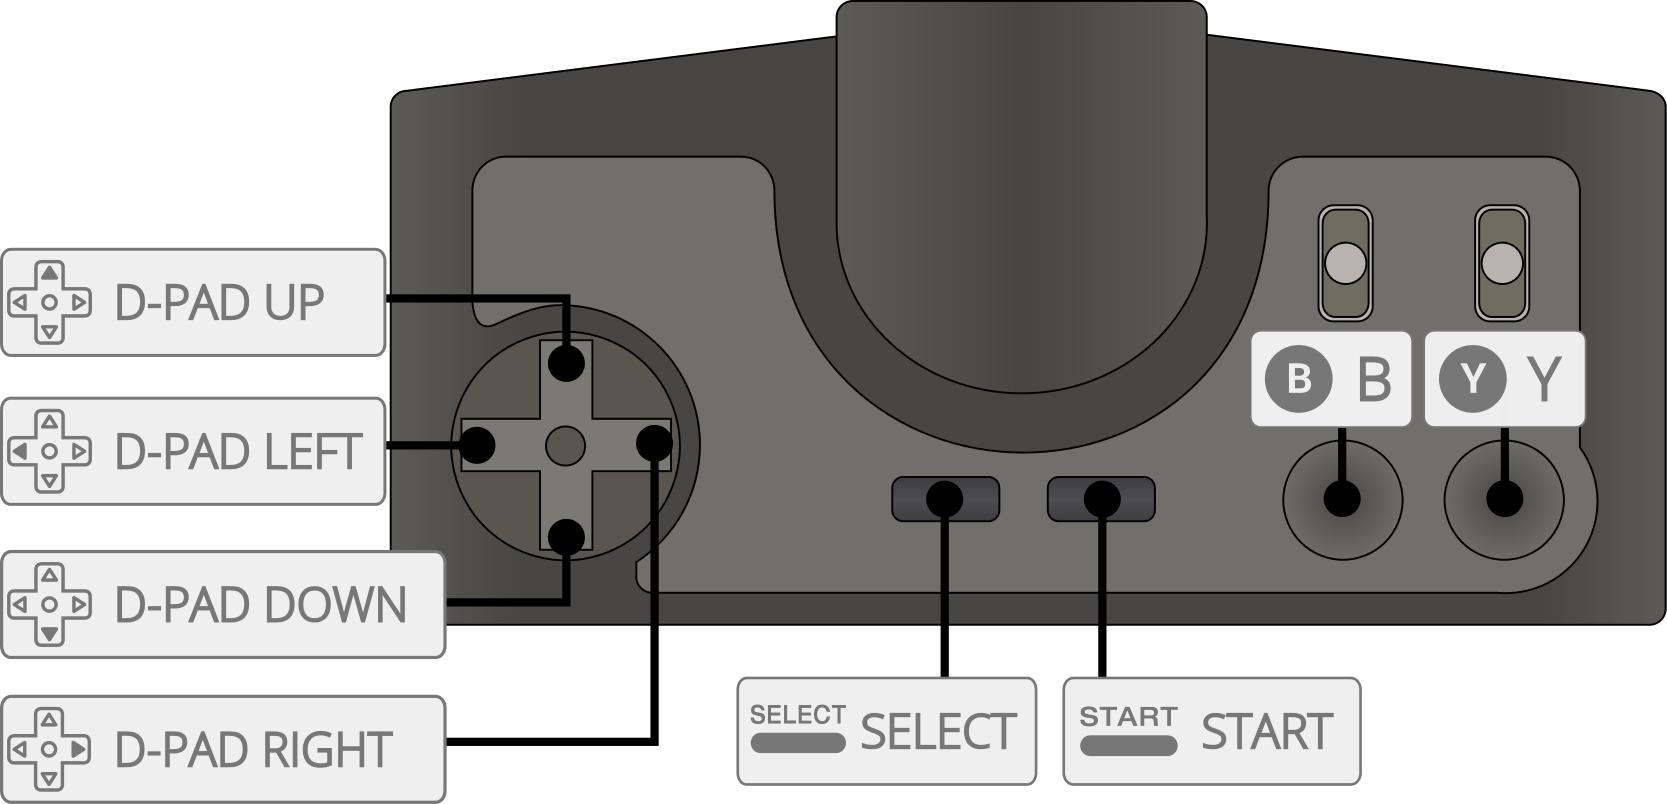 nec_turbografx16_diagram